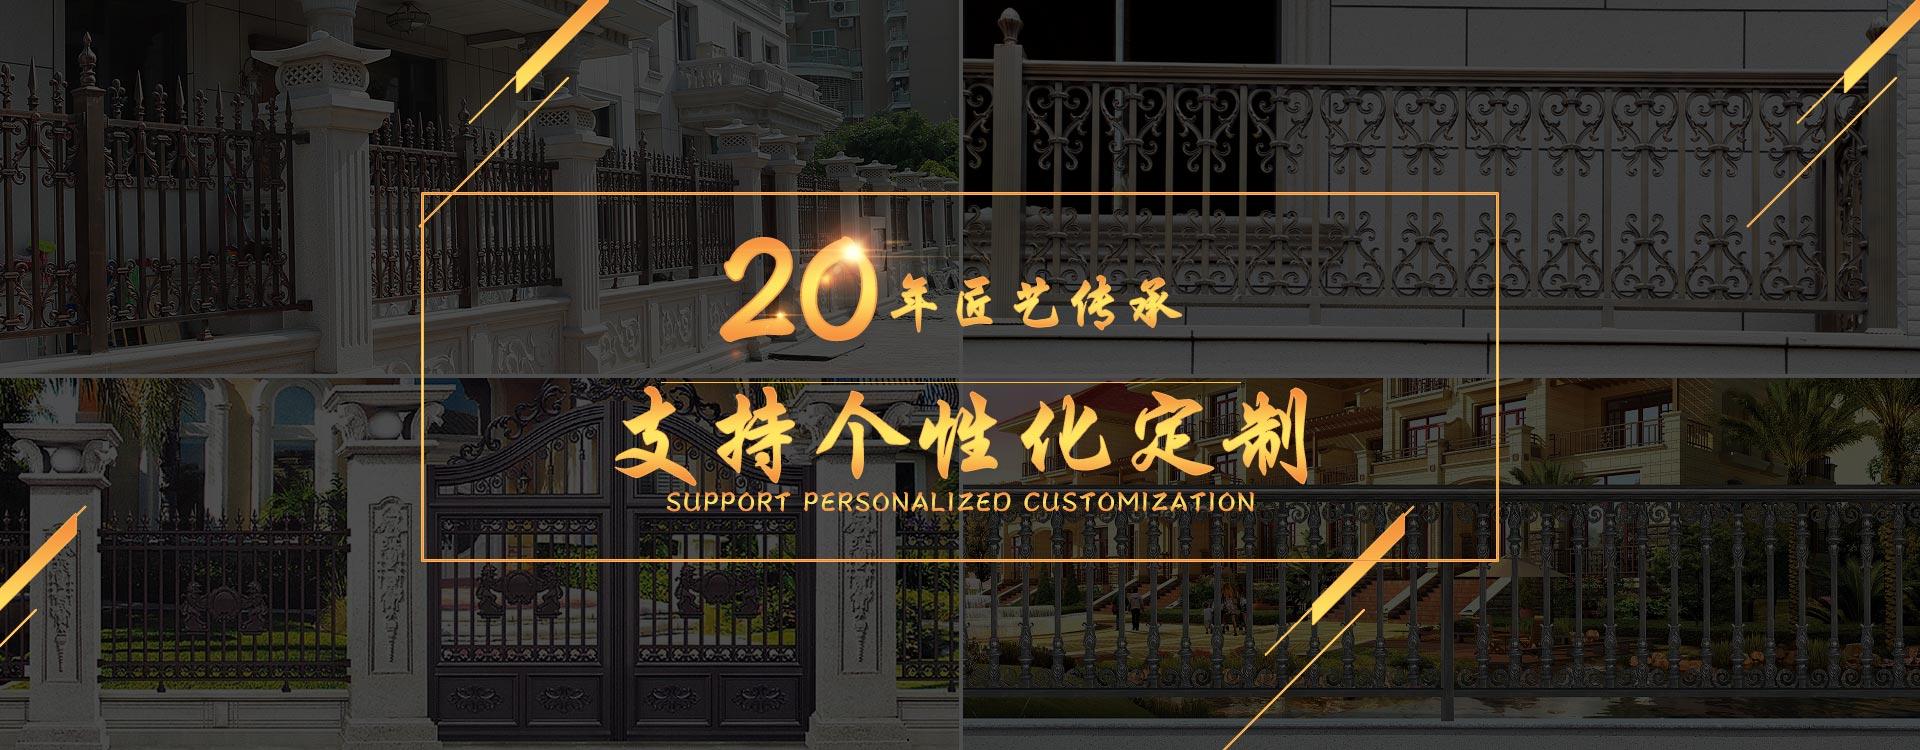 20年匠艺传承,欧派铁艺支持个性化定制!